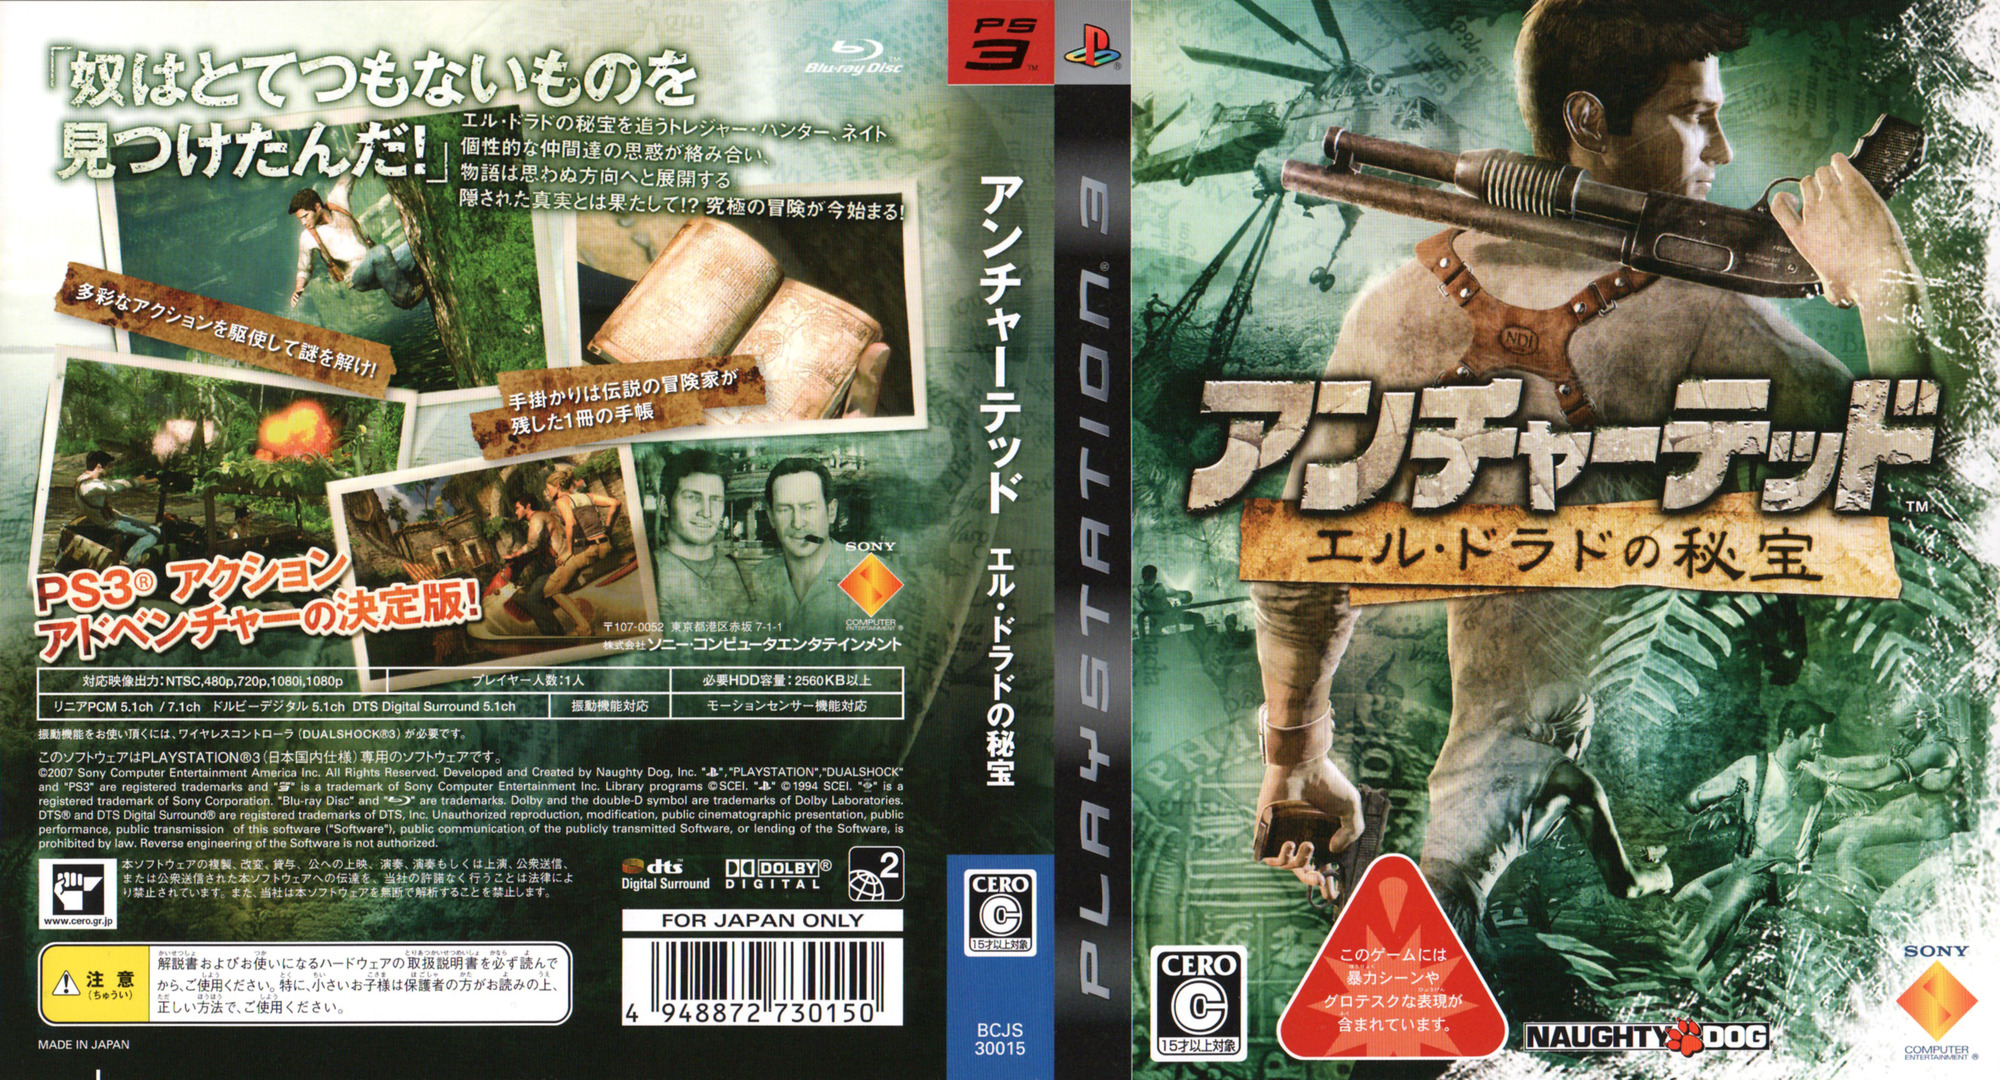 アンチャーテッド:エル・ドラドの秘宝 PS3 coverfullHQ (BCJS30015)